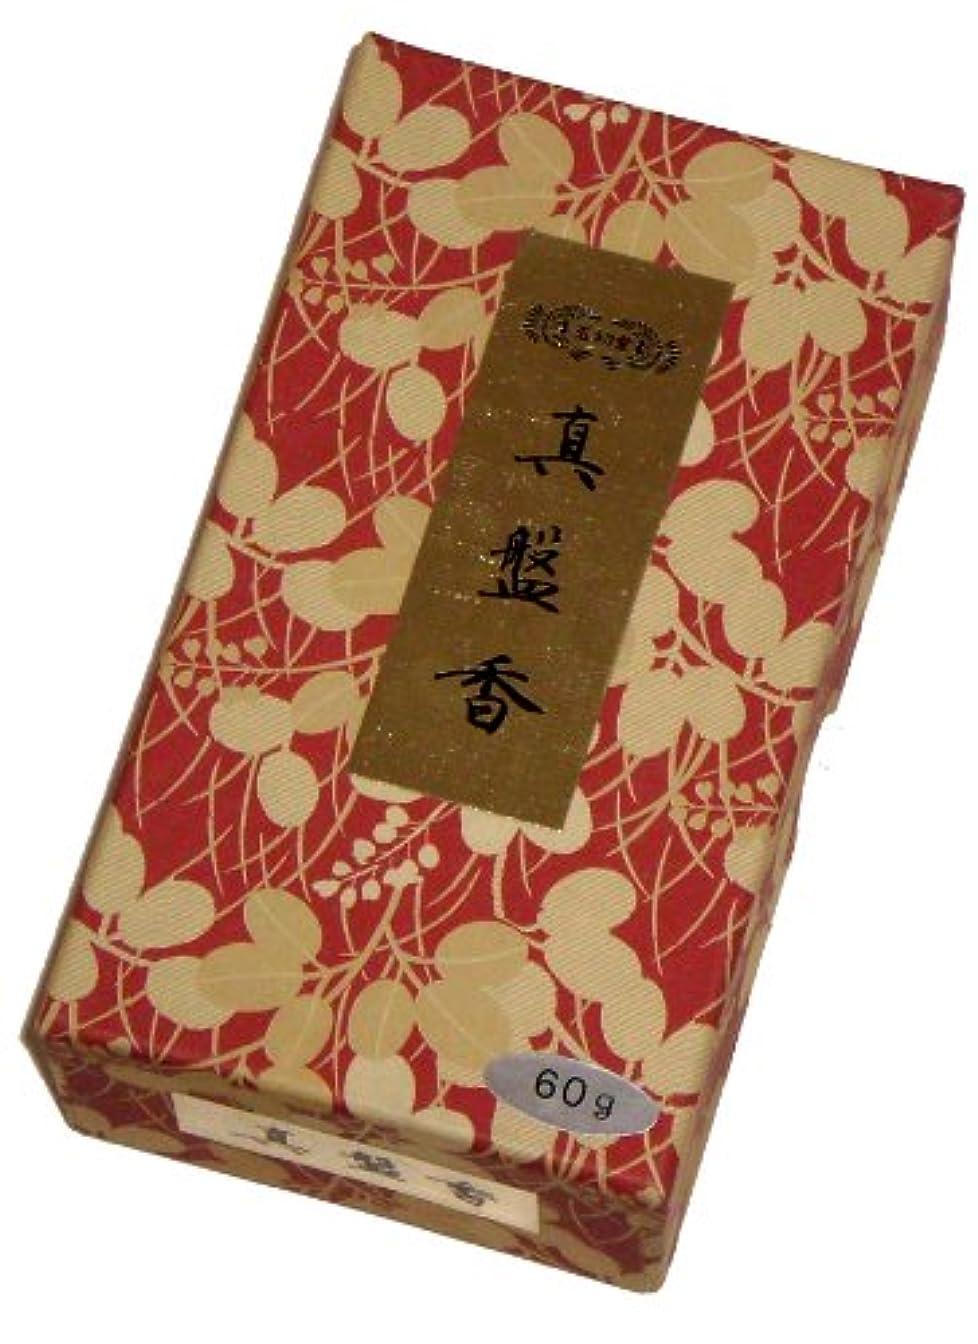 援助大学マーティンルーサーキングジュニア玉初堂のお香 真盤香 60g #614